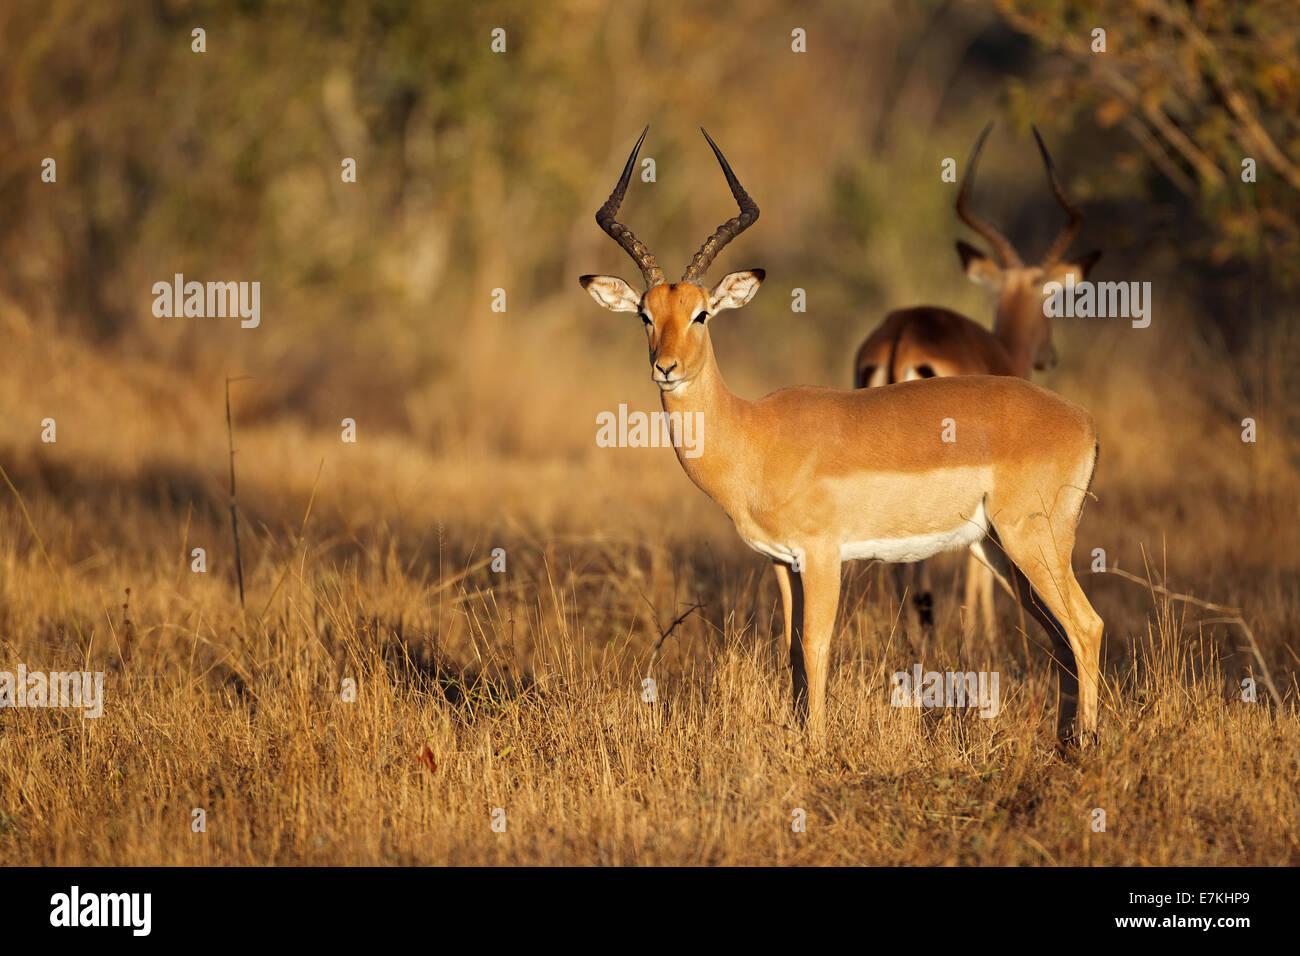 Un maschio di impala antilope (Aepyceros melampus) in habitat naturale, Sud Africa Immagini Stock